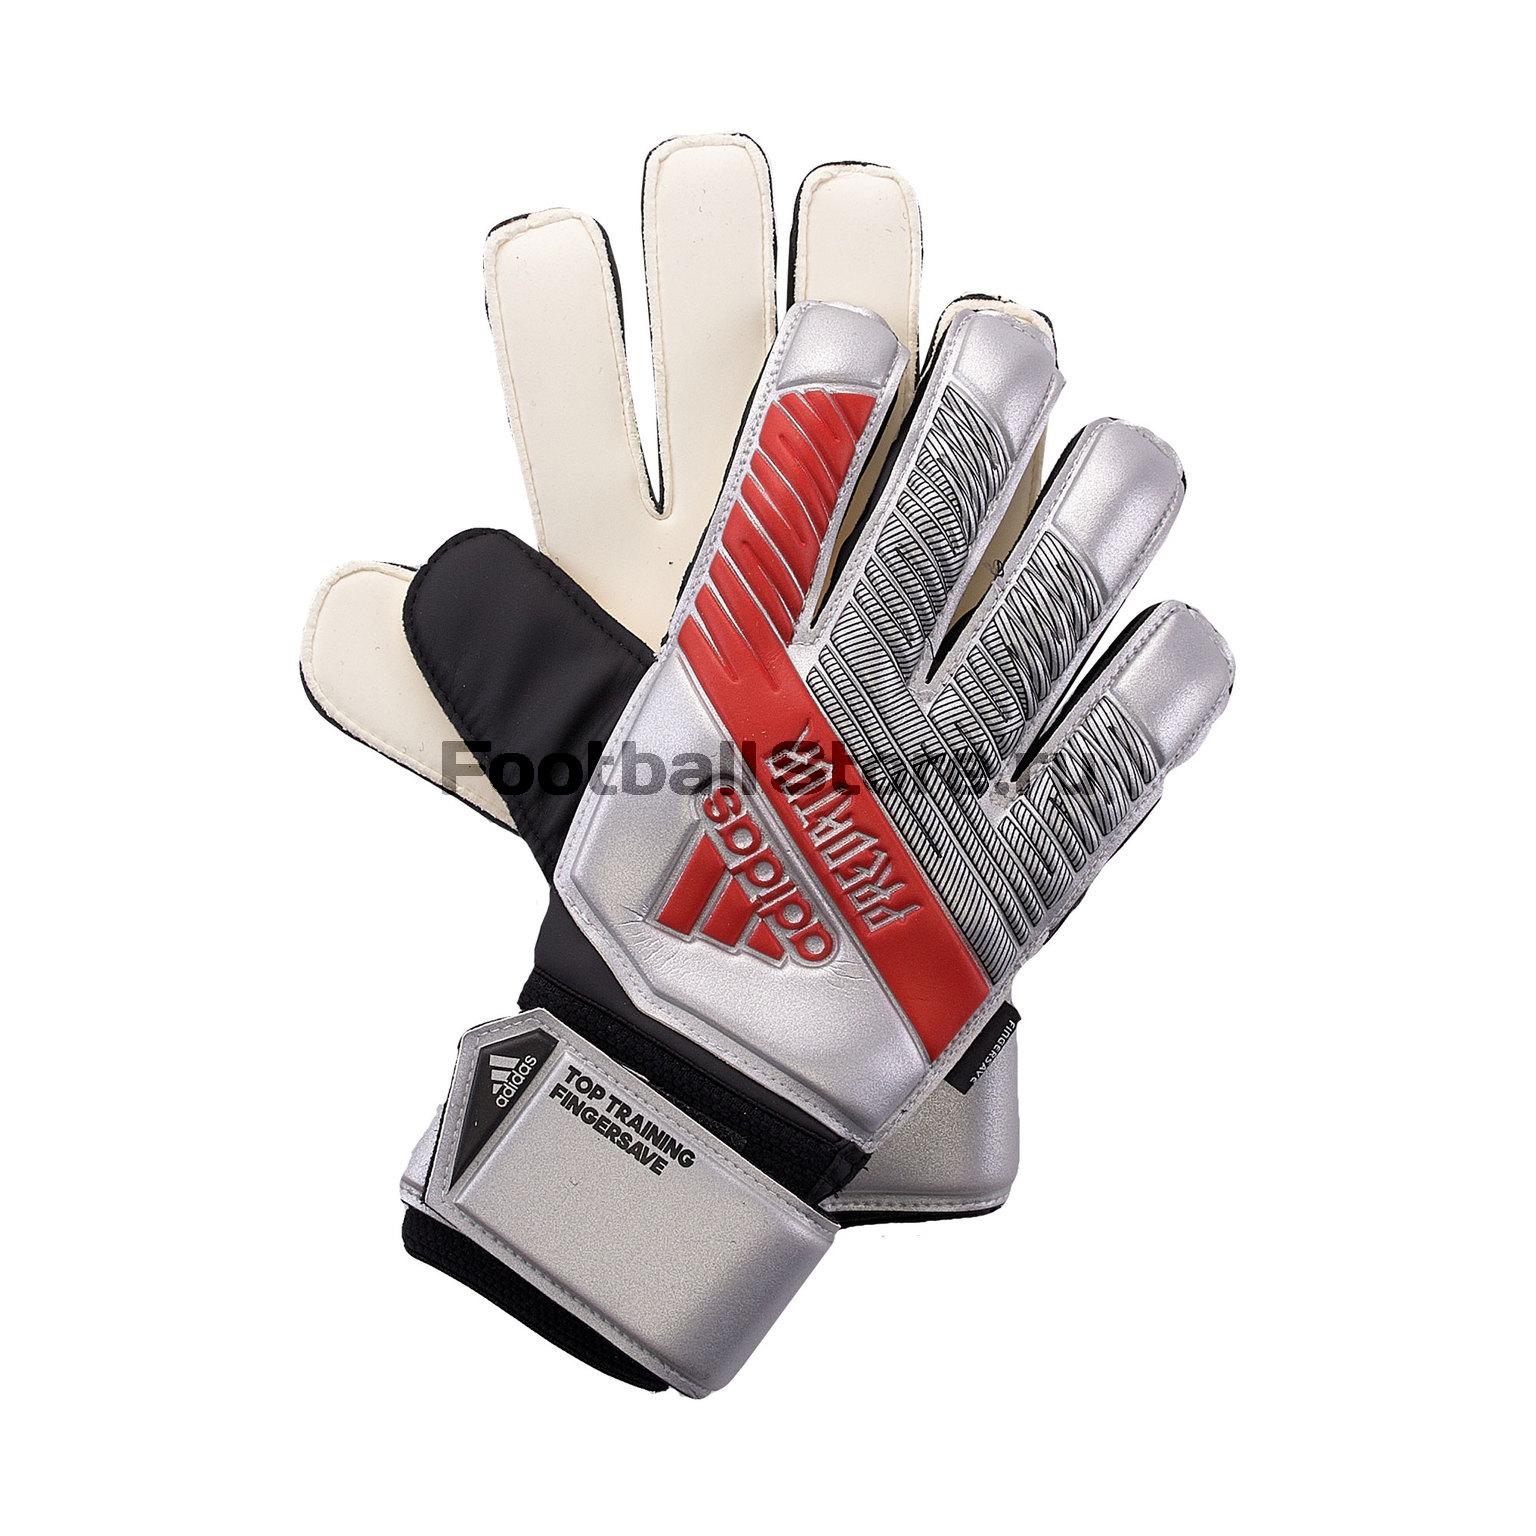 купить Перчатки вратарские Adidas Predator Training FS DY2608 недорого